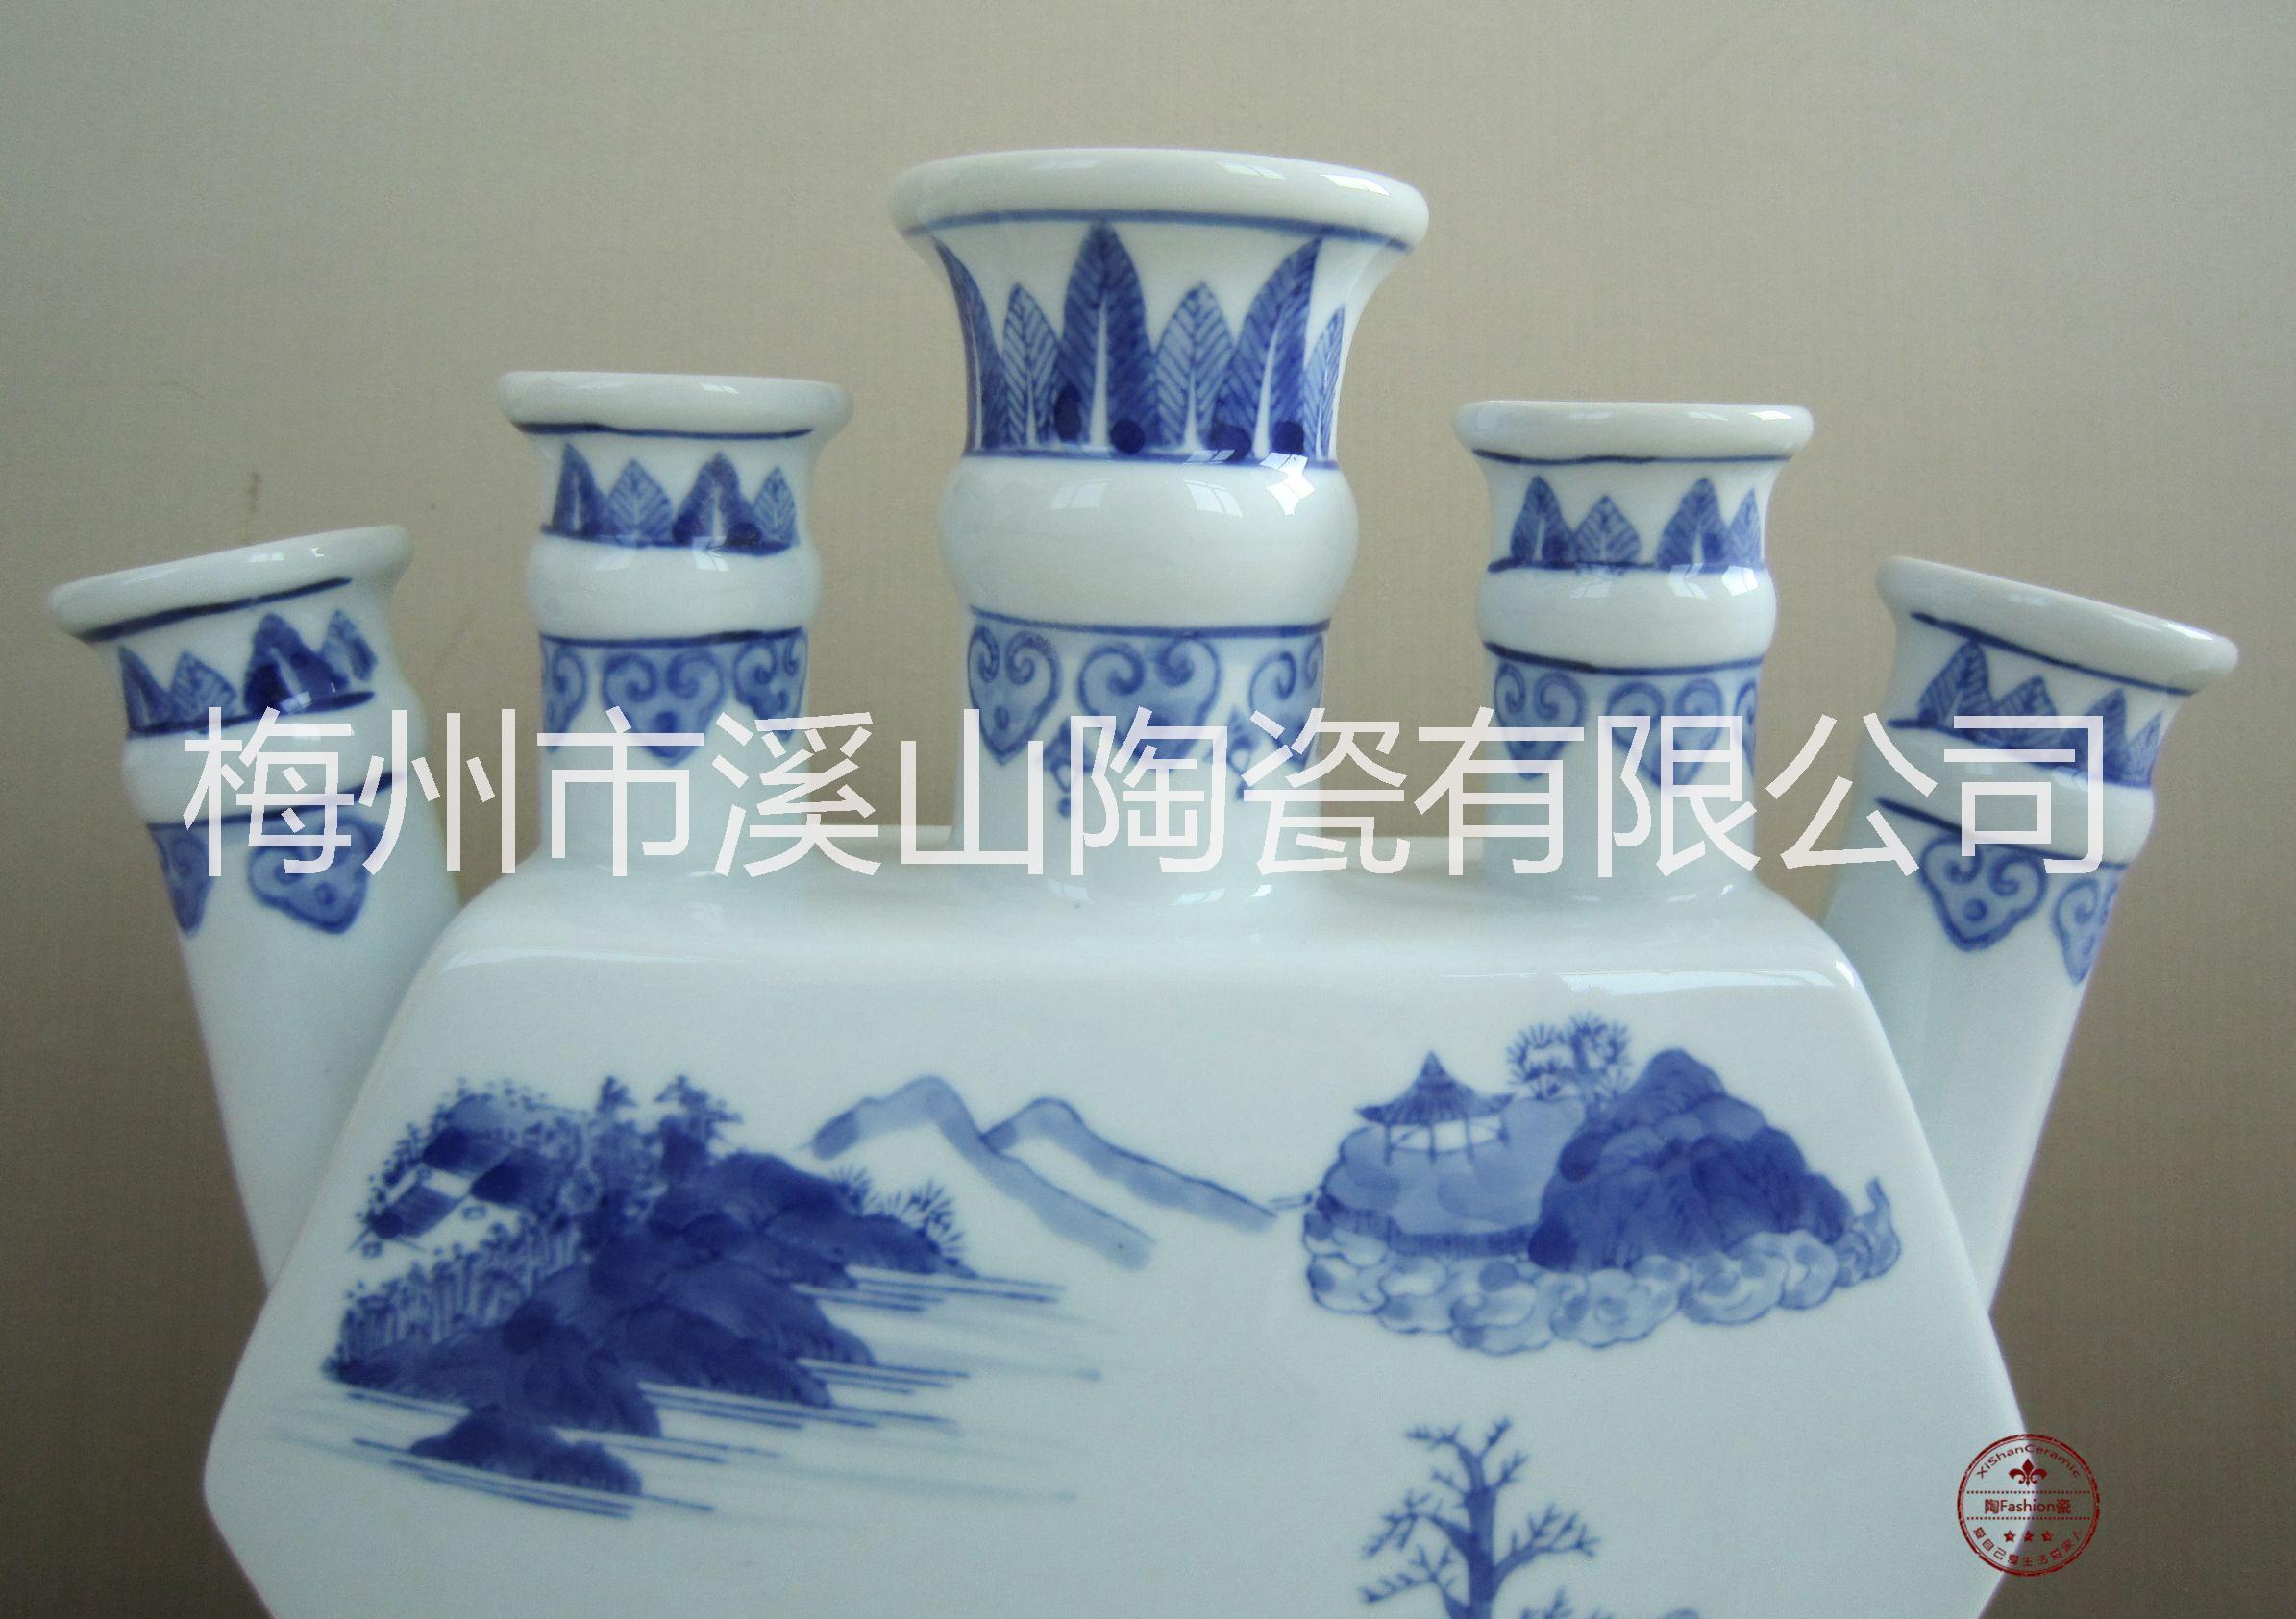 溪山陶瓷 五指花瓶 创意陶瓷工艺摆件 家居装饰工艺品批发